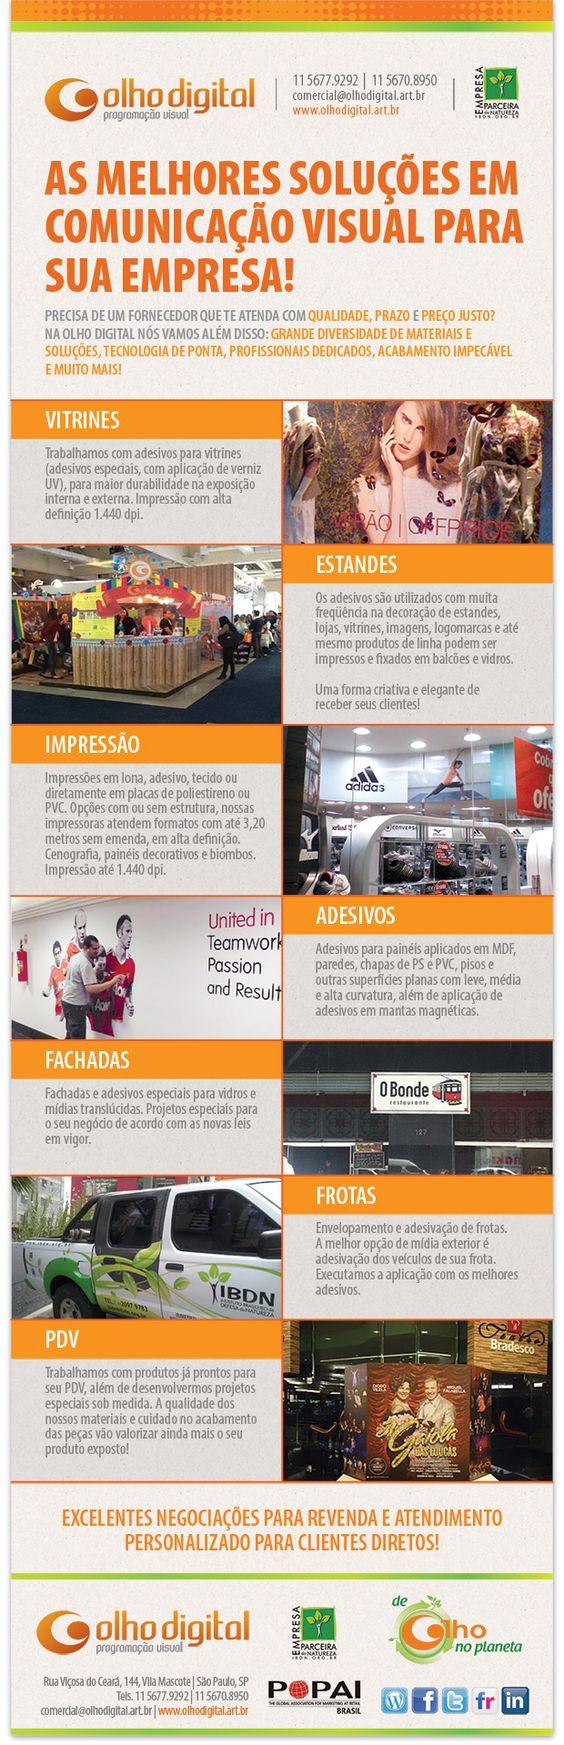 Comunicação Visual completa - agende uma visita de apresentação - comercial@olhodigital.art.br - 11 56779292